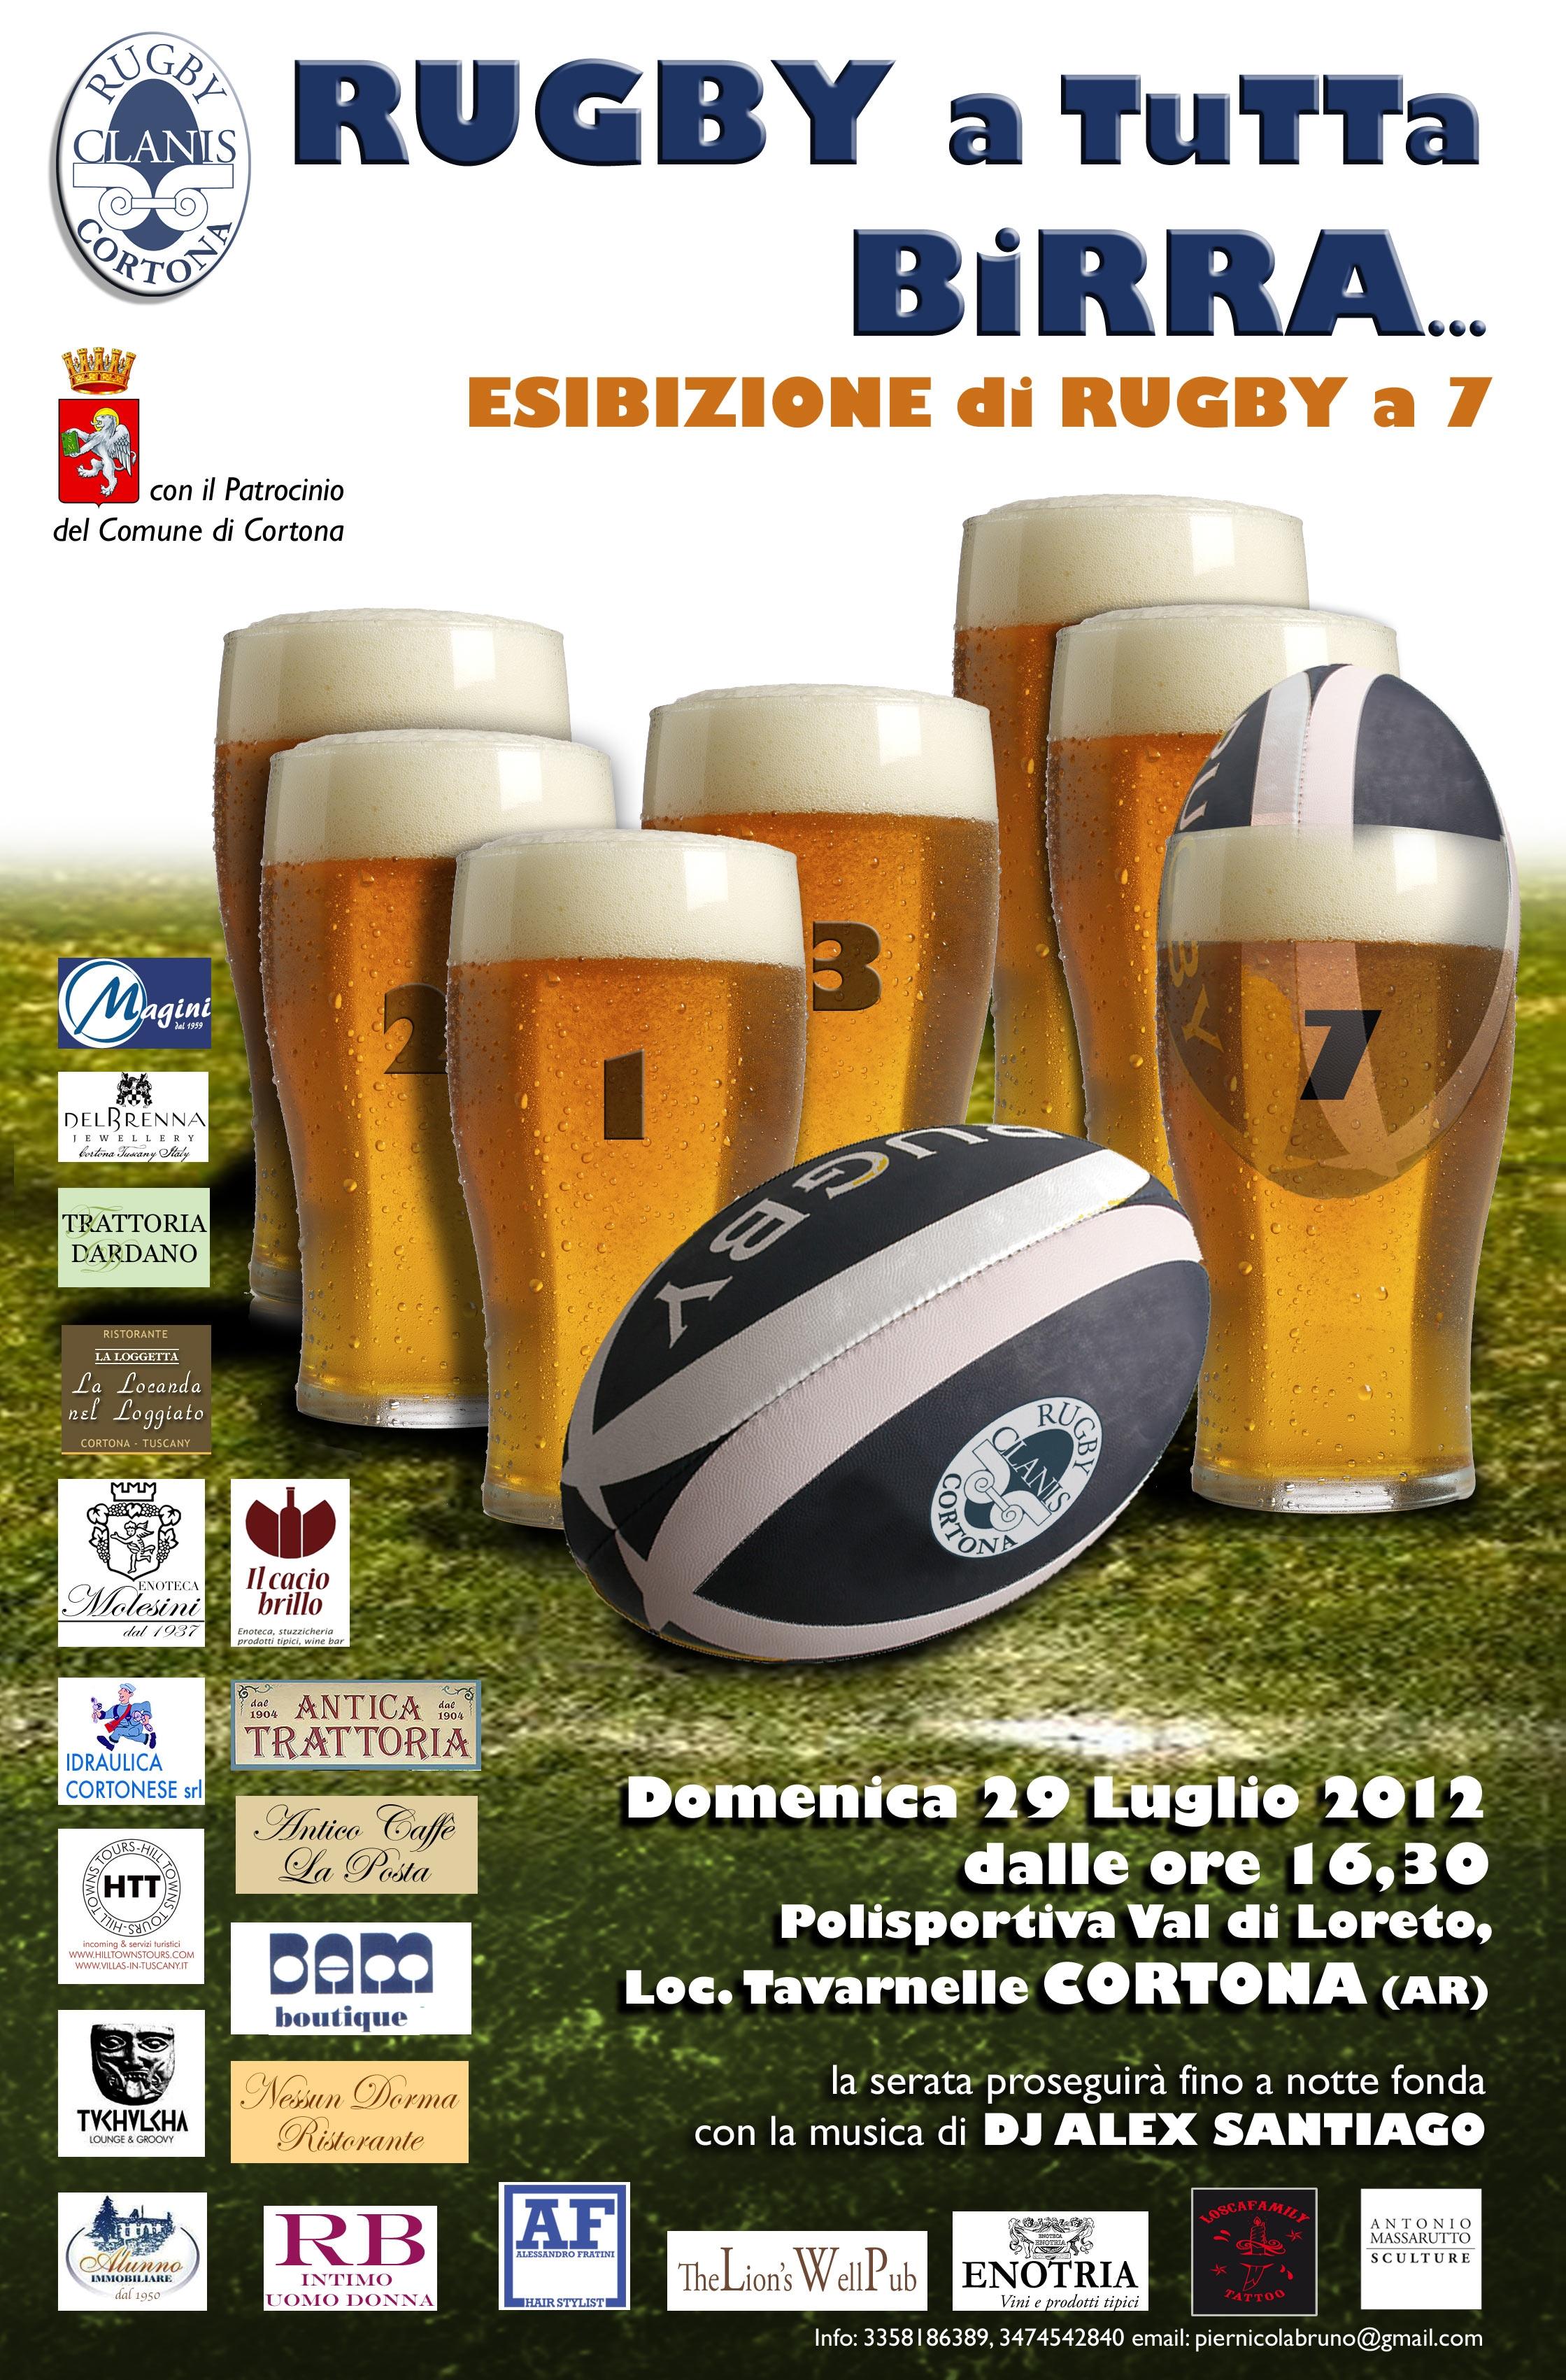 Rugby a tutta birra domenica a Tavarnelle